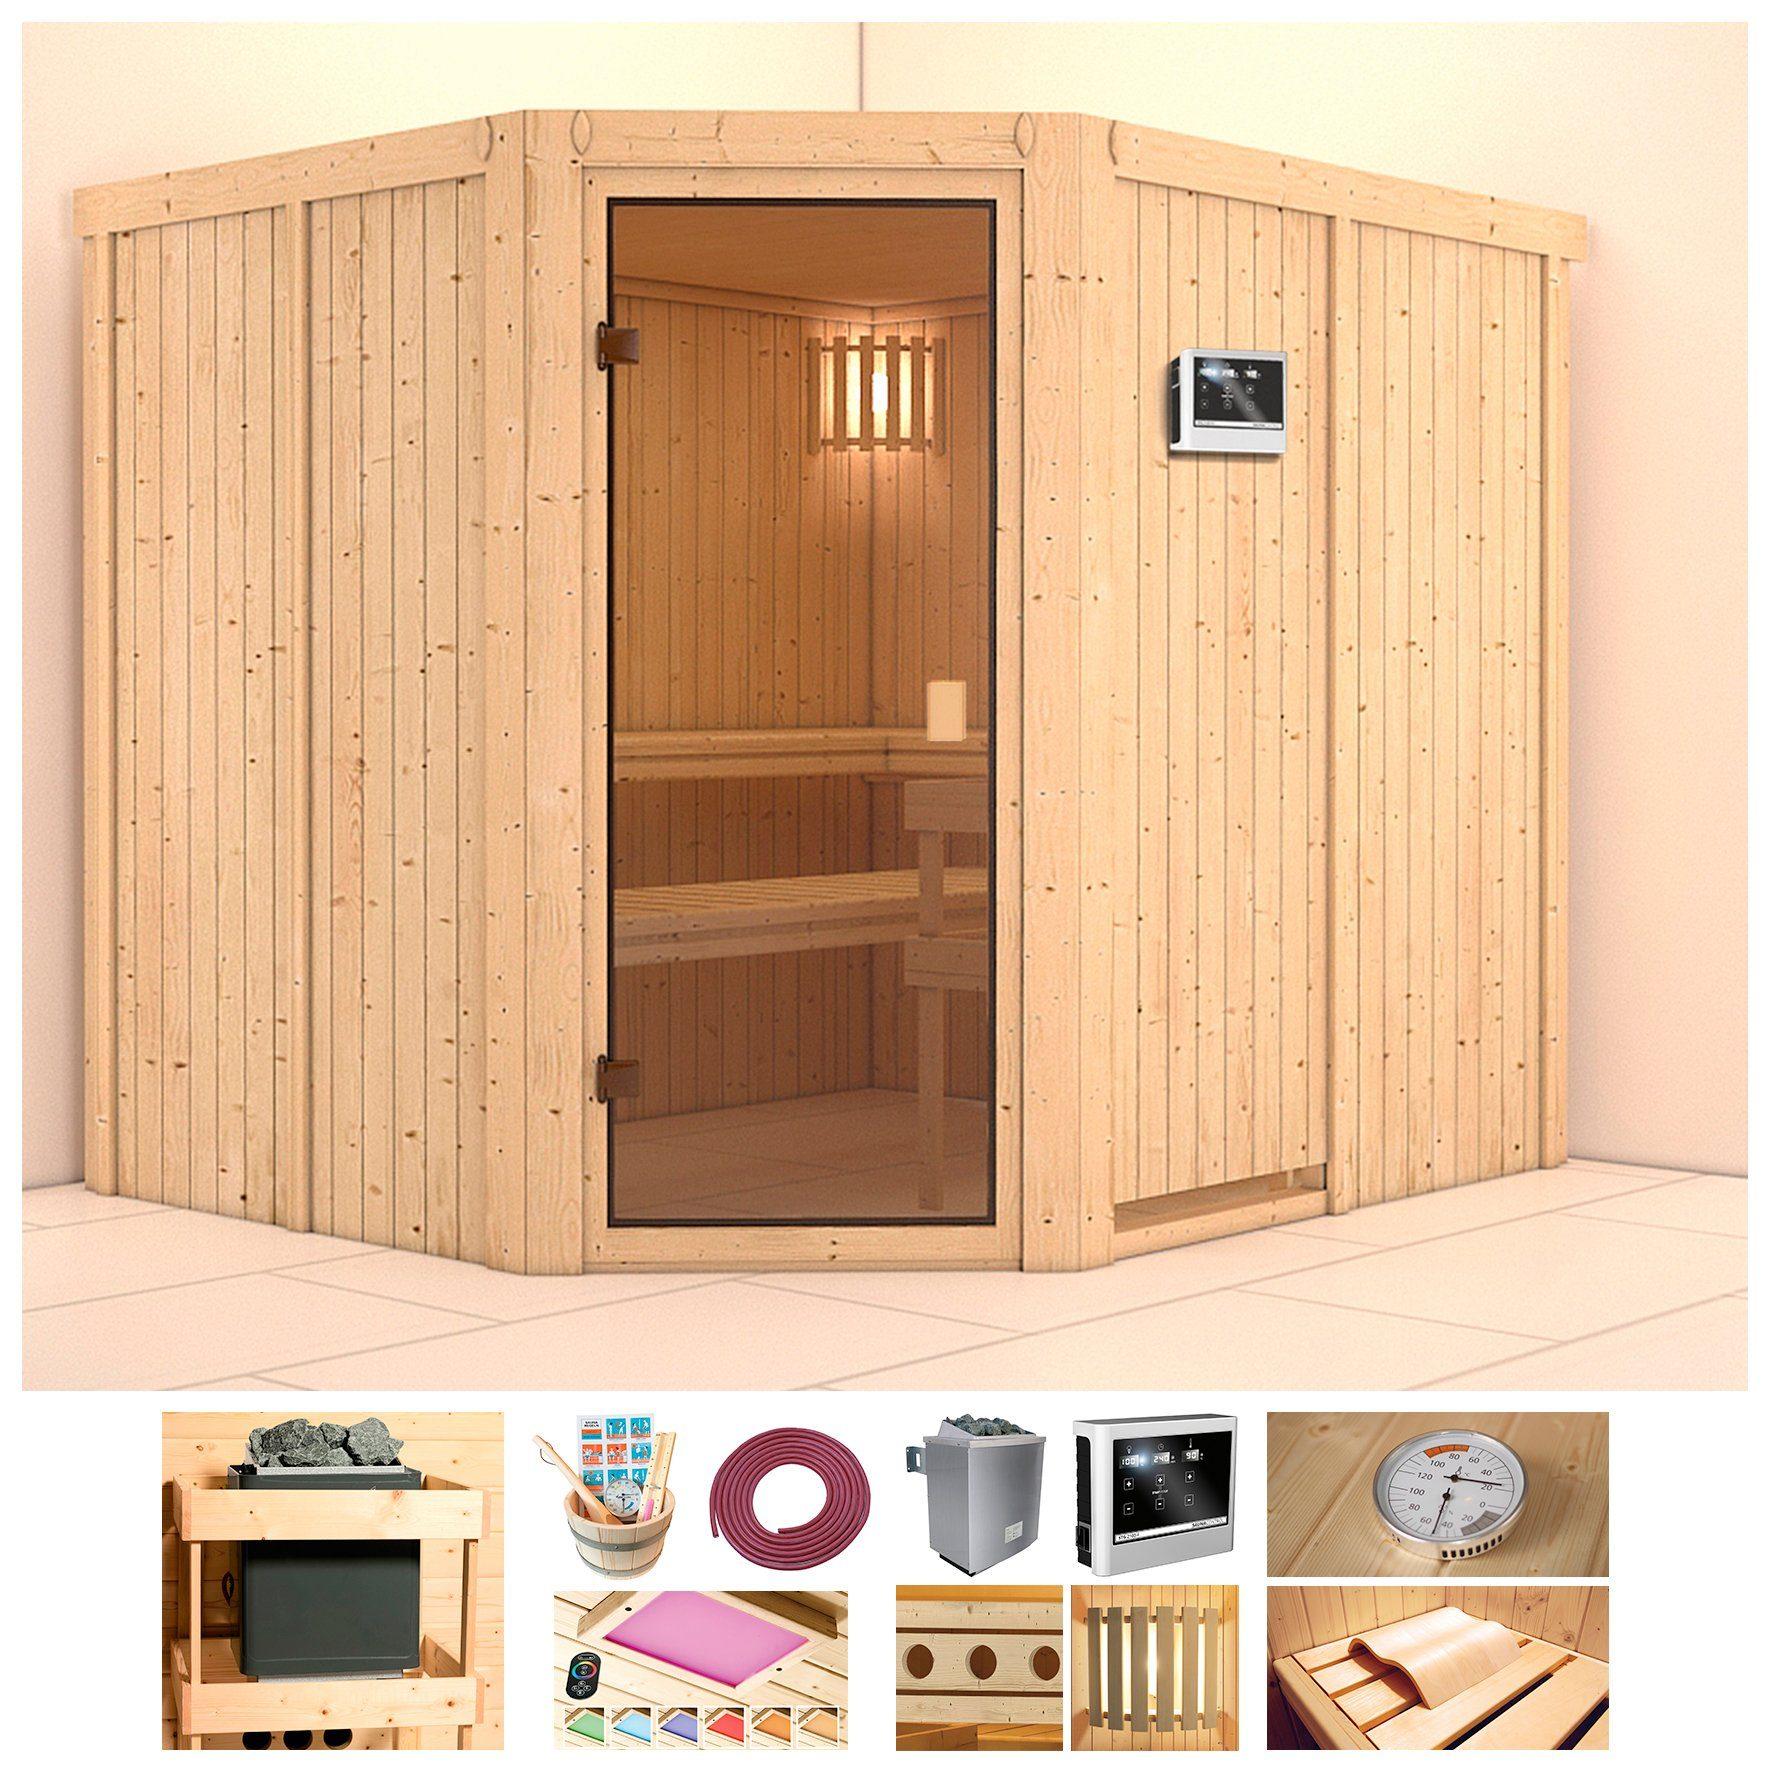 KONIFERA Sauna »Amrum«, BxTxH: 231x196x198 cm, 9 kW Ofen mit ext. Steuerung